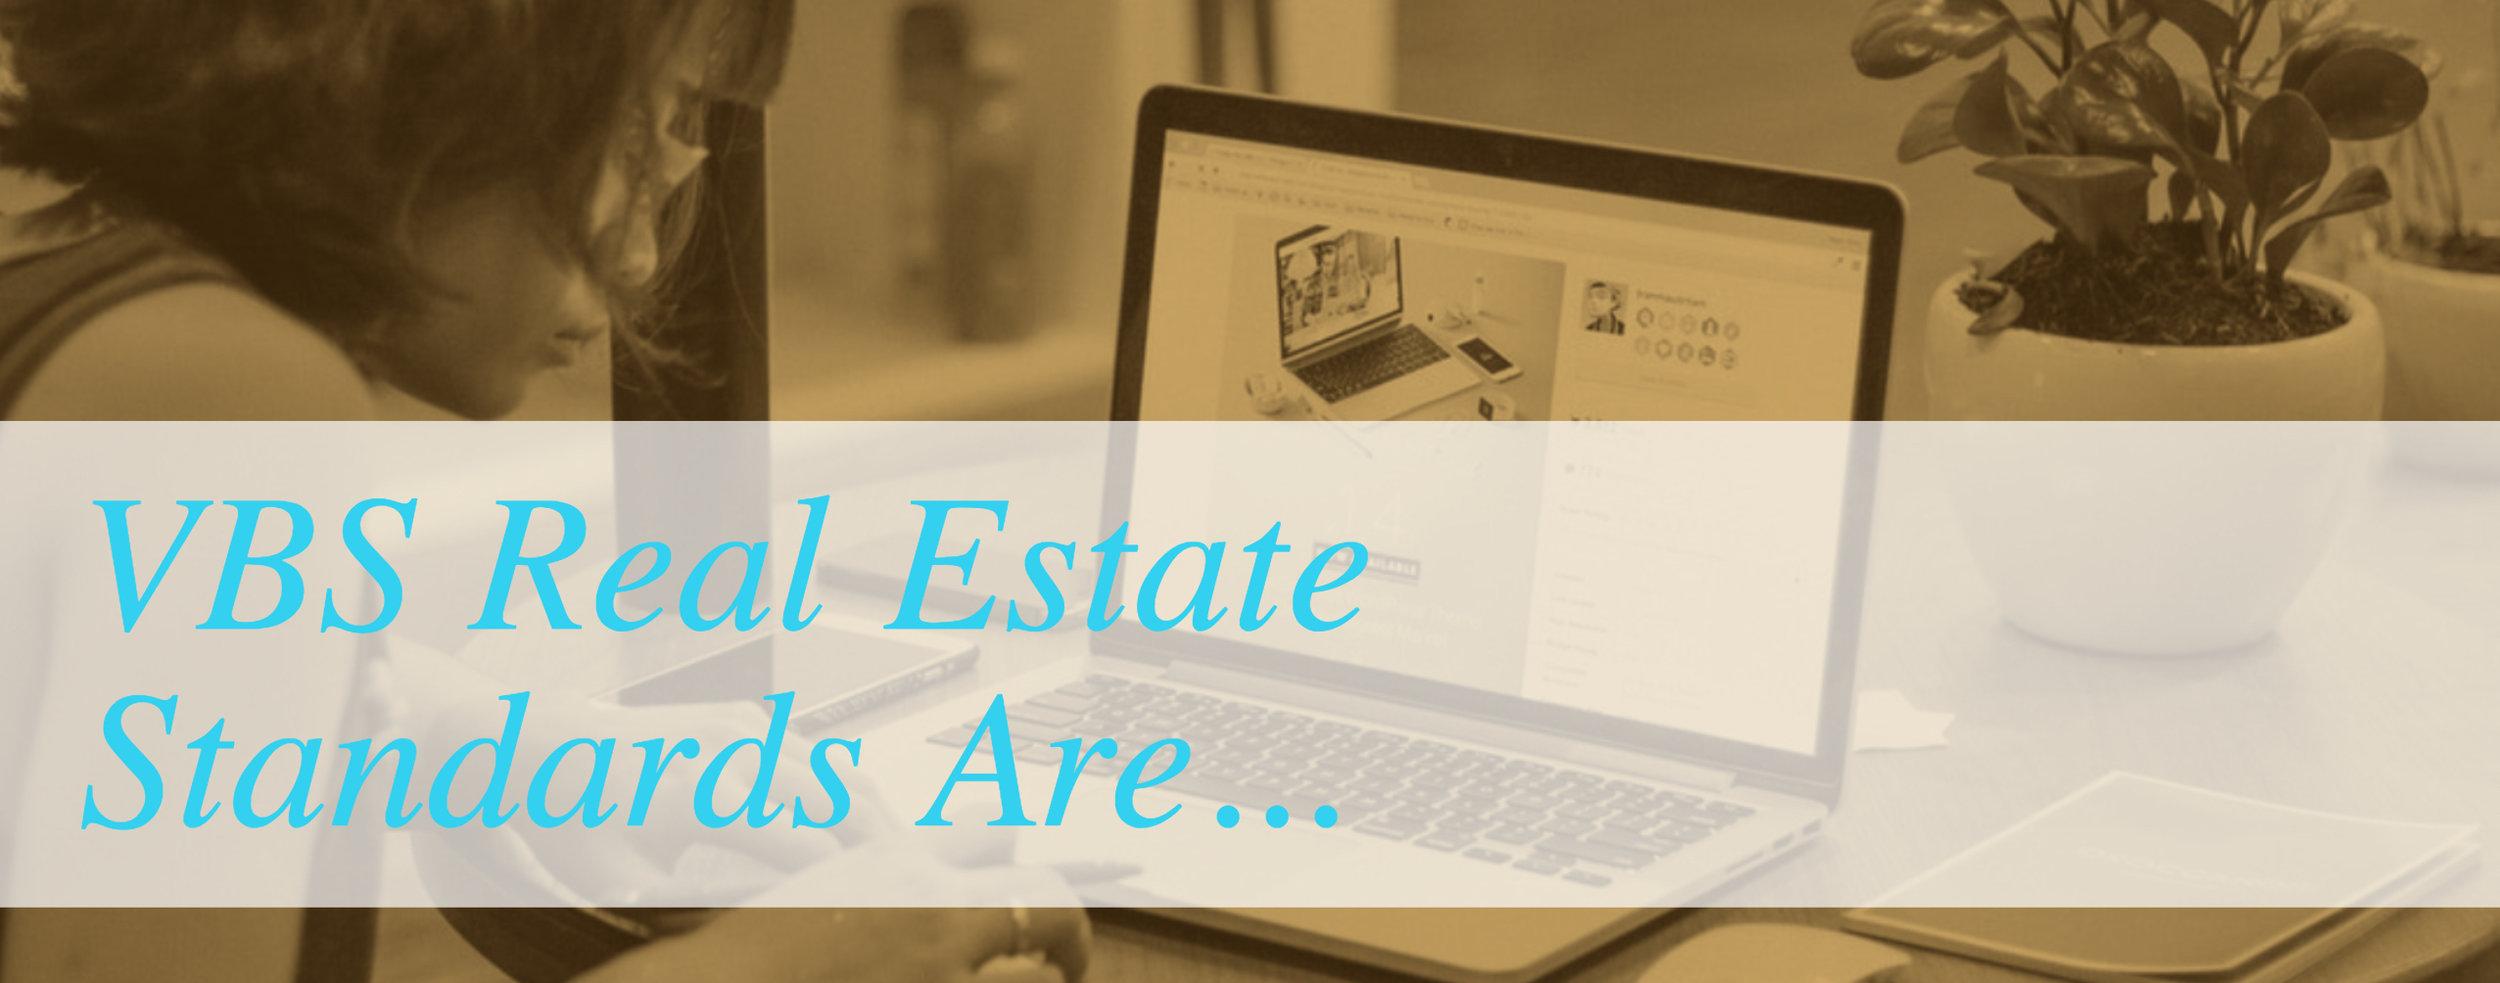 VBS Real Estate Standards